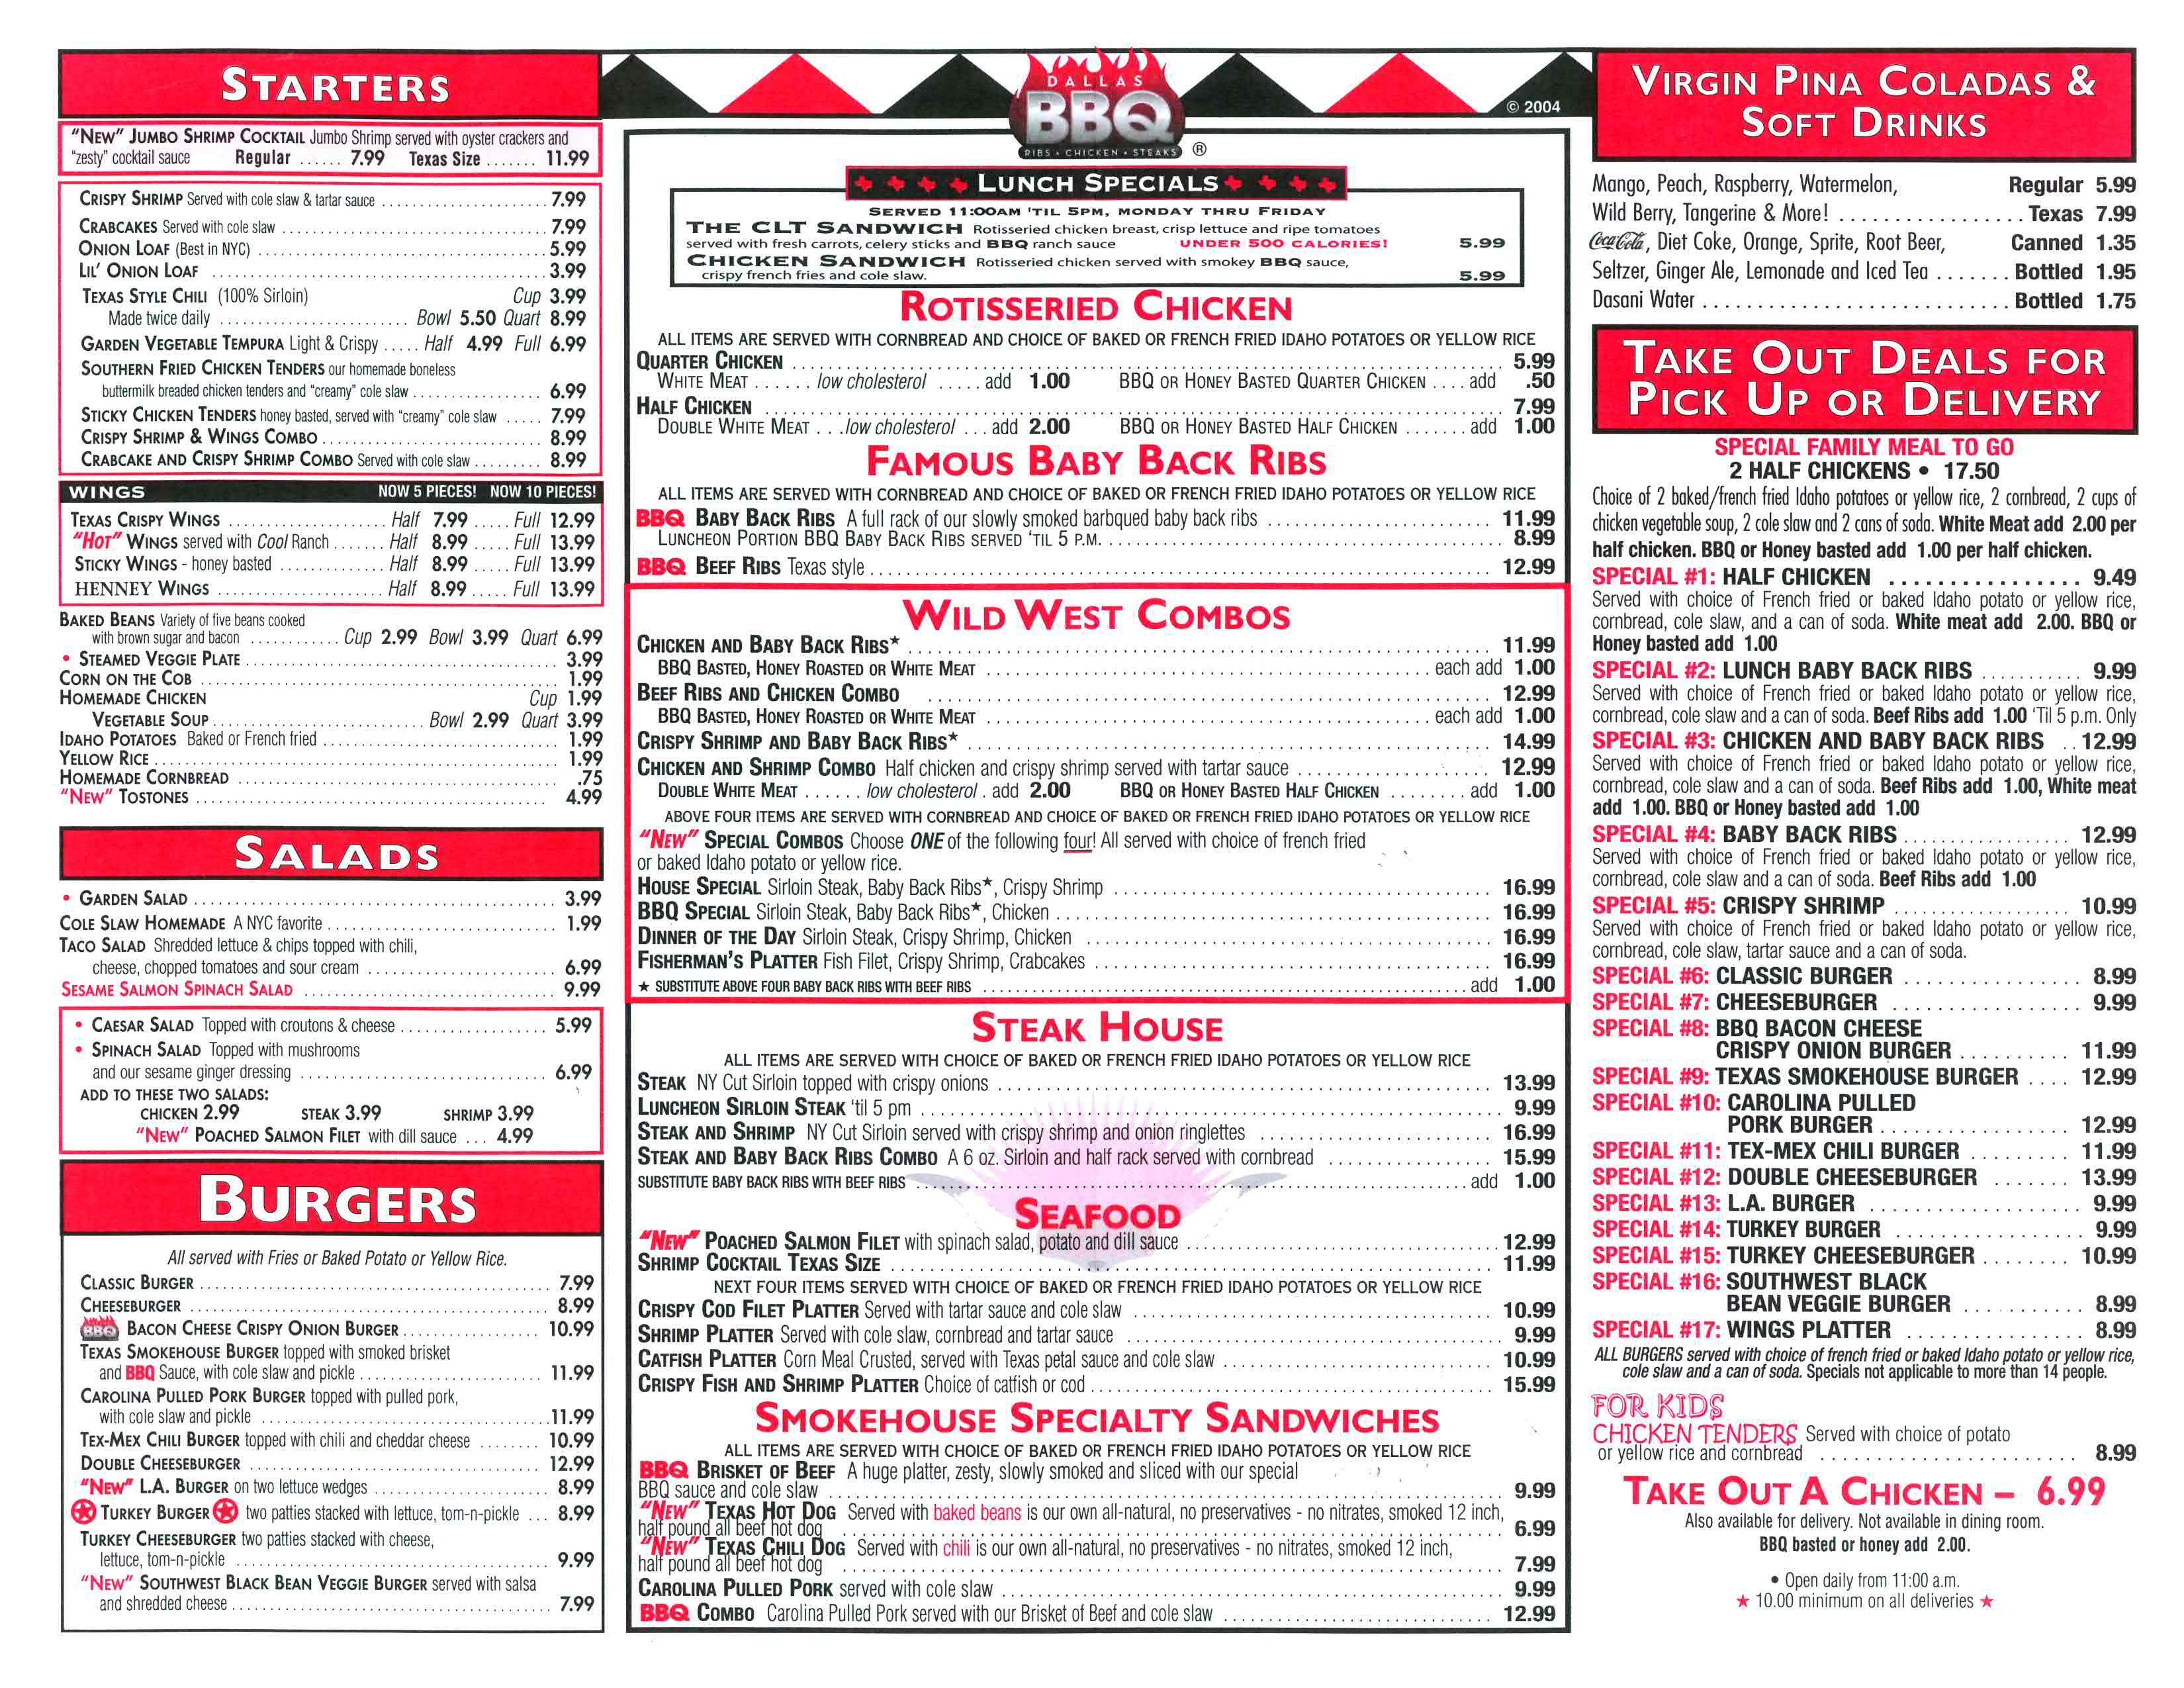 dallas bbq menu | Dallas BBQ | BBQ | Pinterest | Dallas, Menu and ...